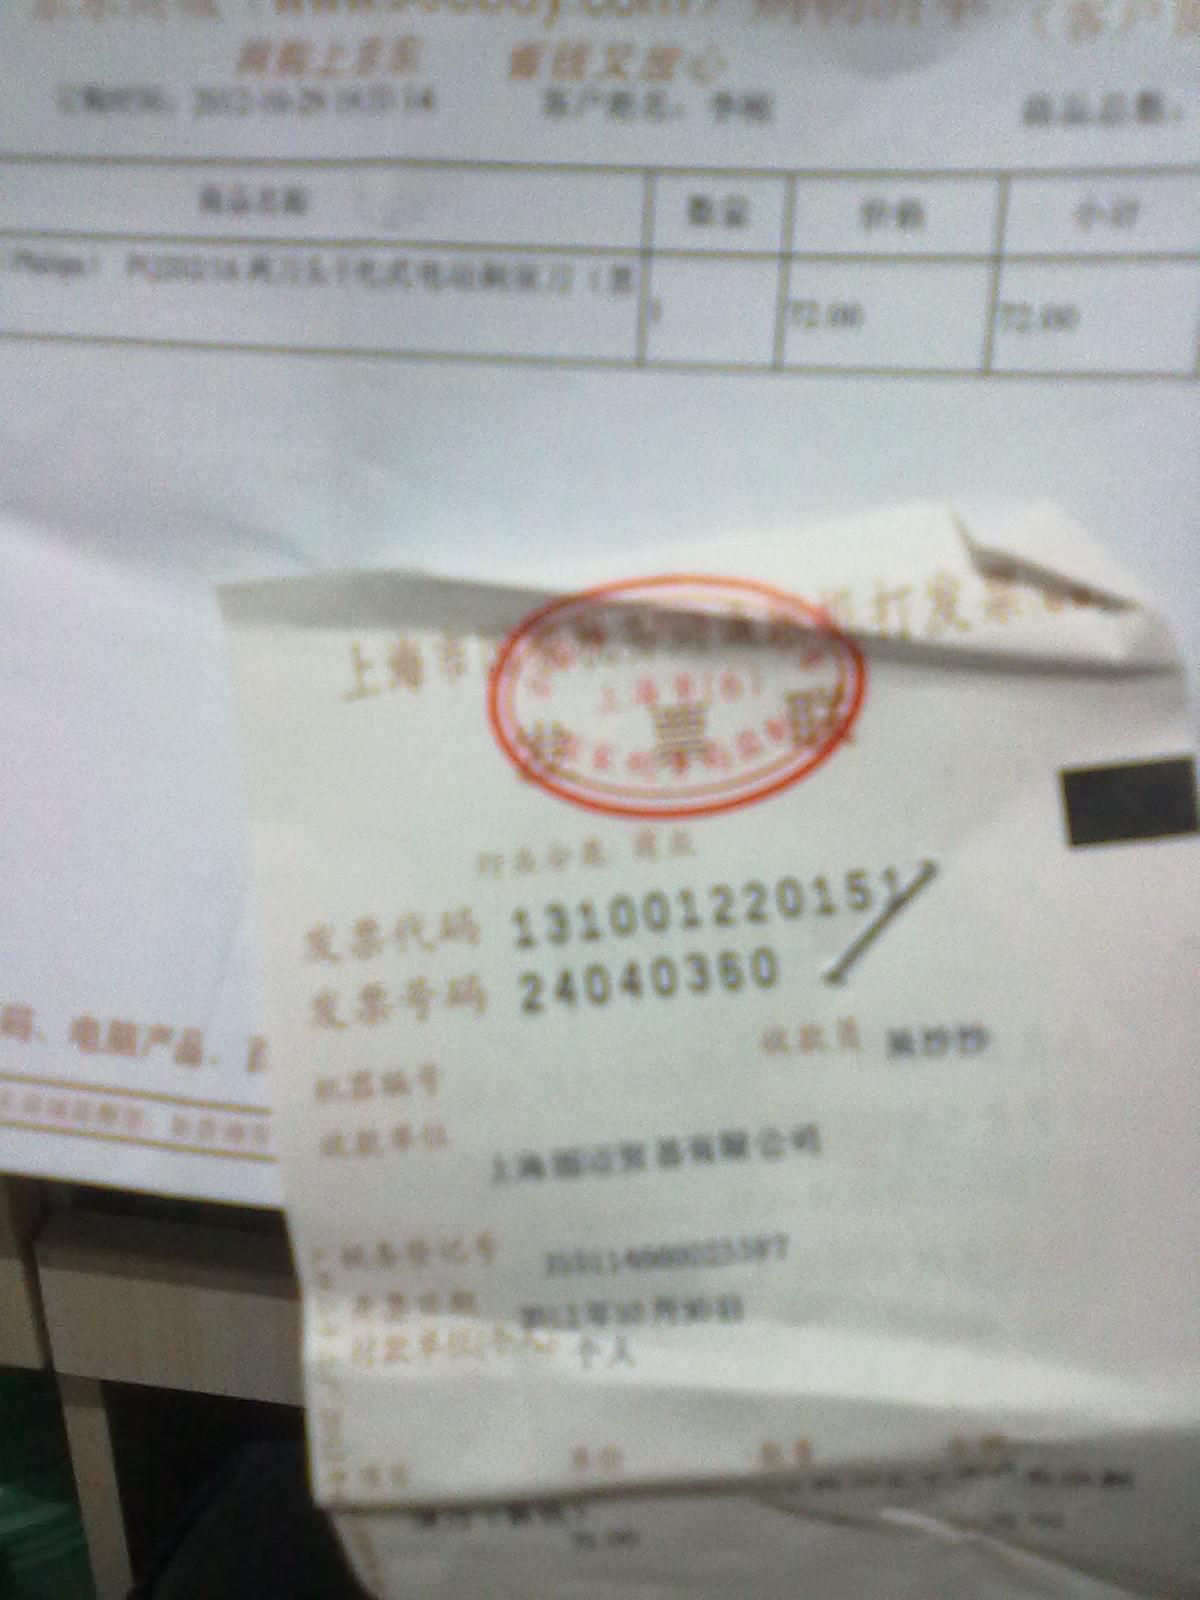 飞利浦(philips) pq202/16 ,有发票,贴膜都没有撕开,京东价格72,高清图片